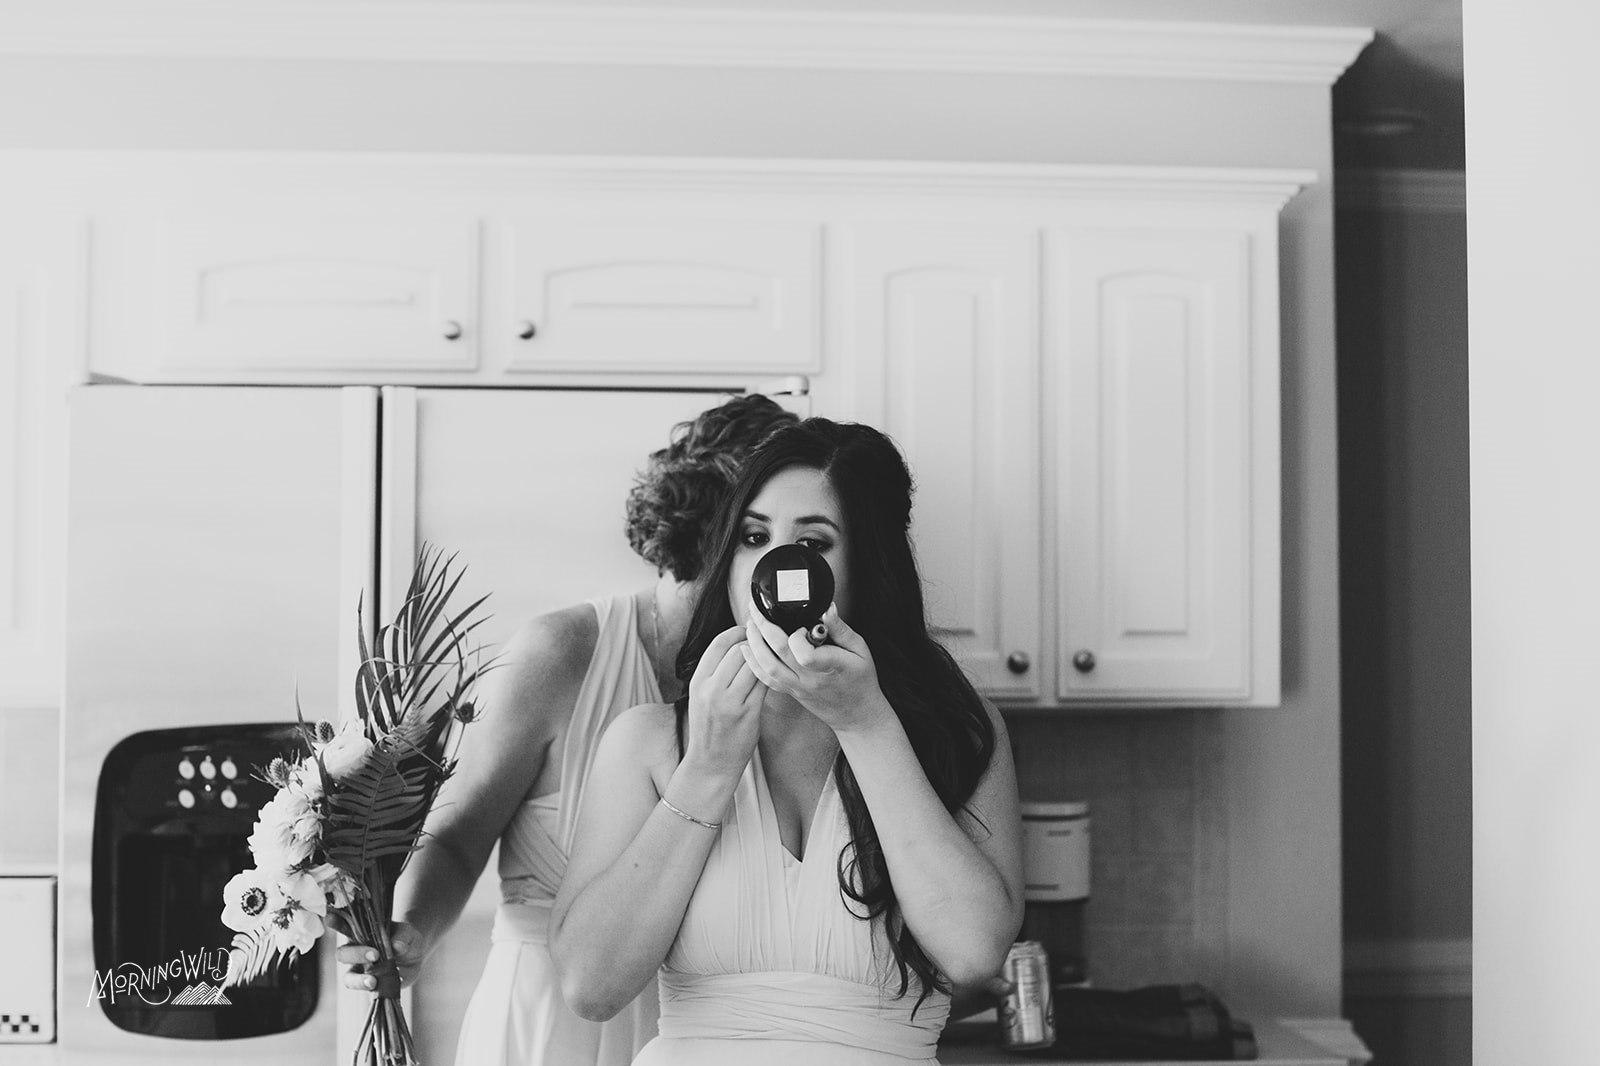 Morningwild Photography